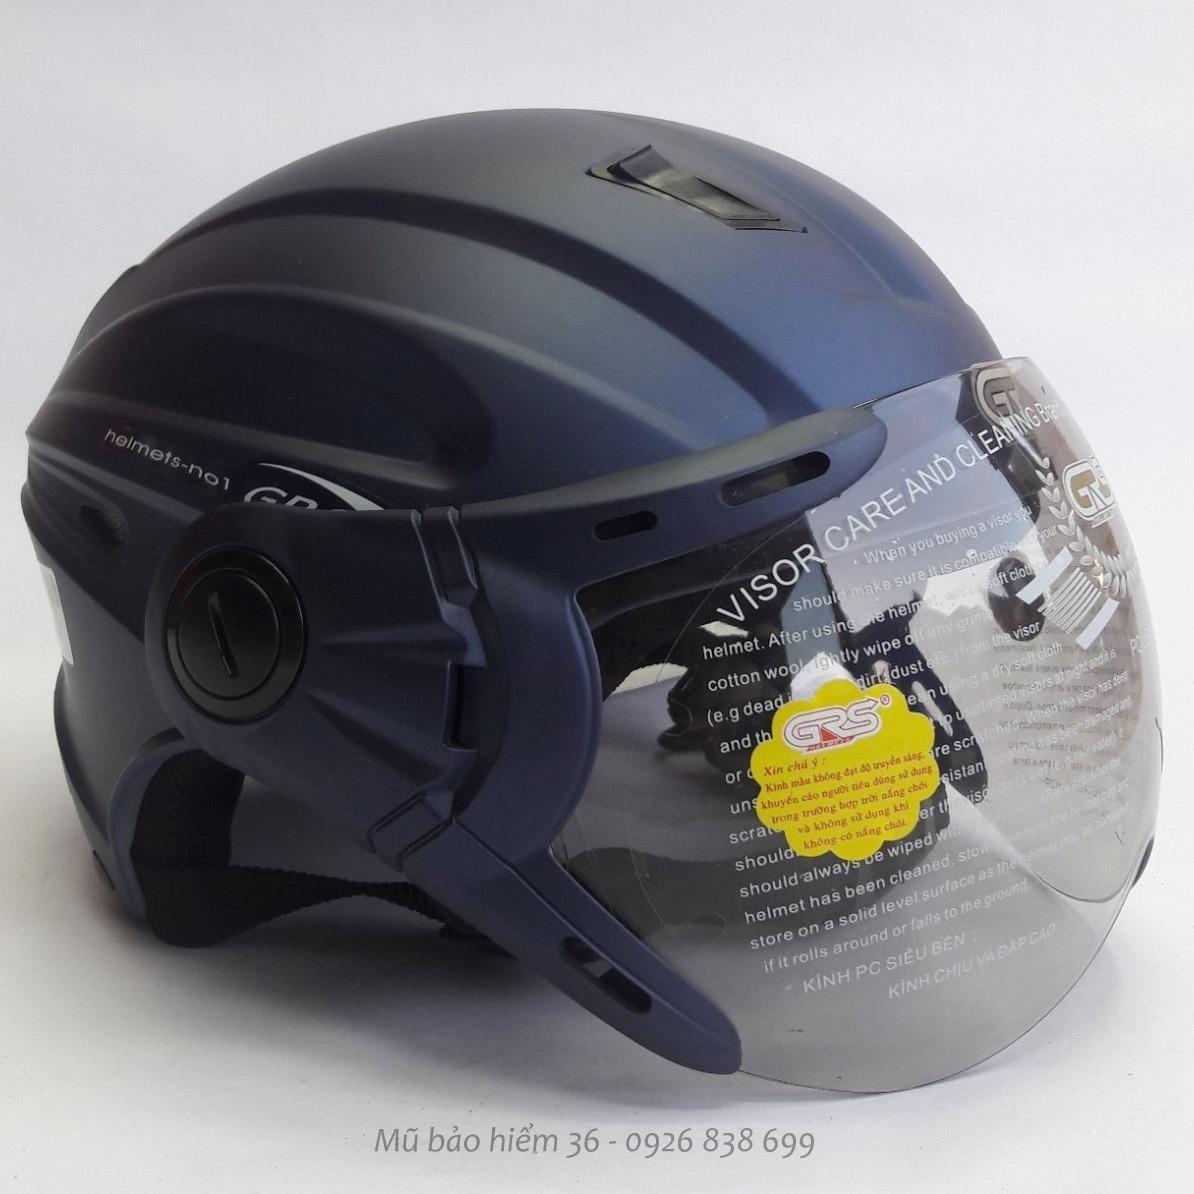 Mã Khuyến Mại Mũ Bảo Hiểm Nửa Đầu Co Kinh Grs A737K Mau Xanh Tim Than Nham